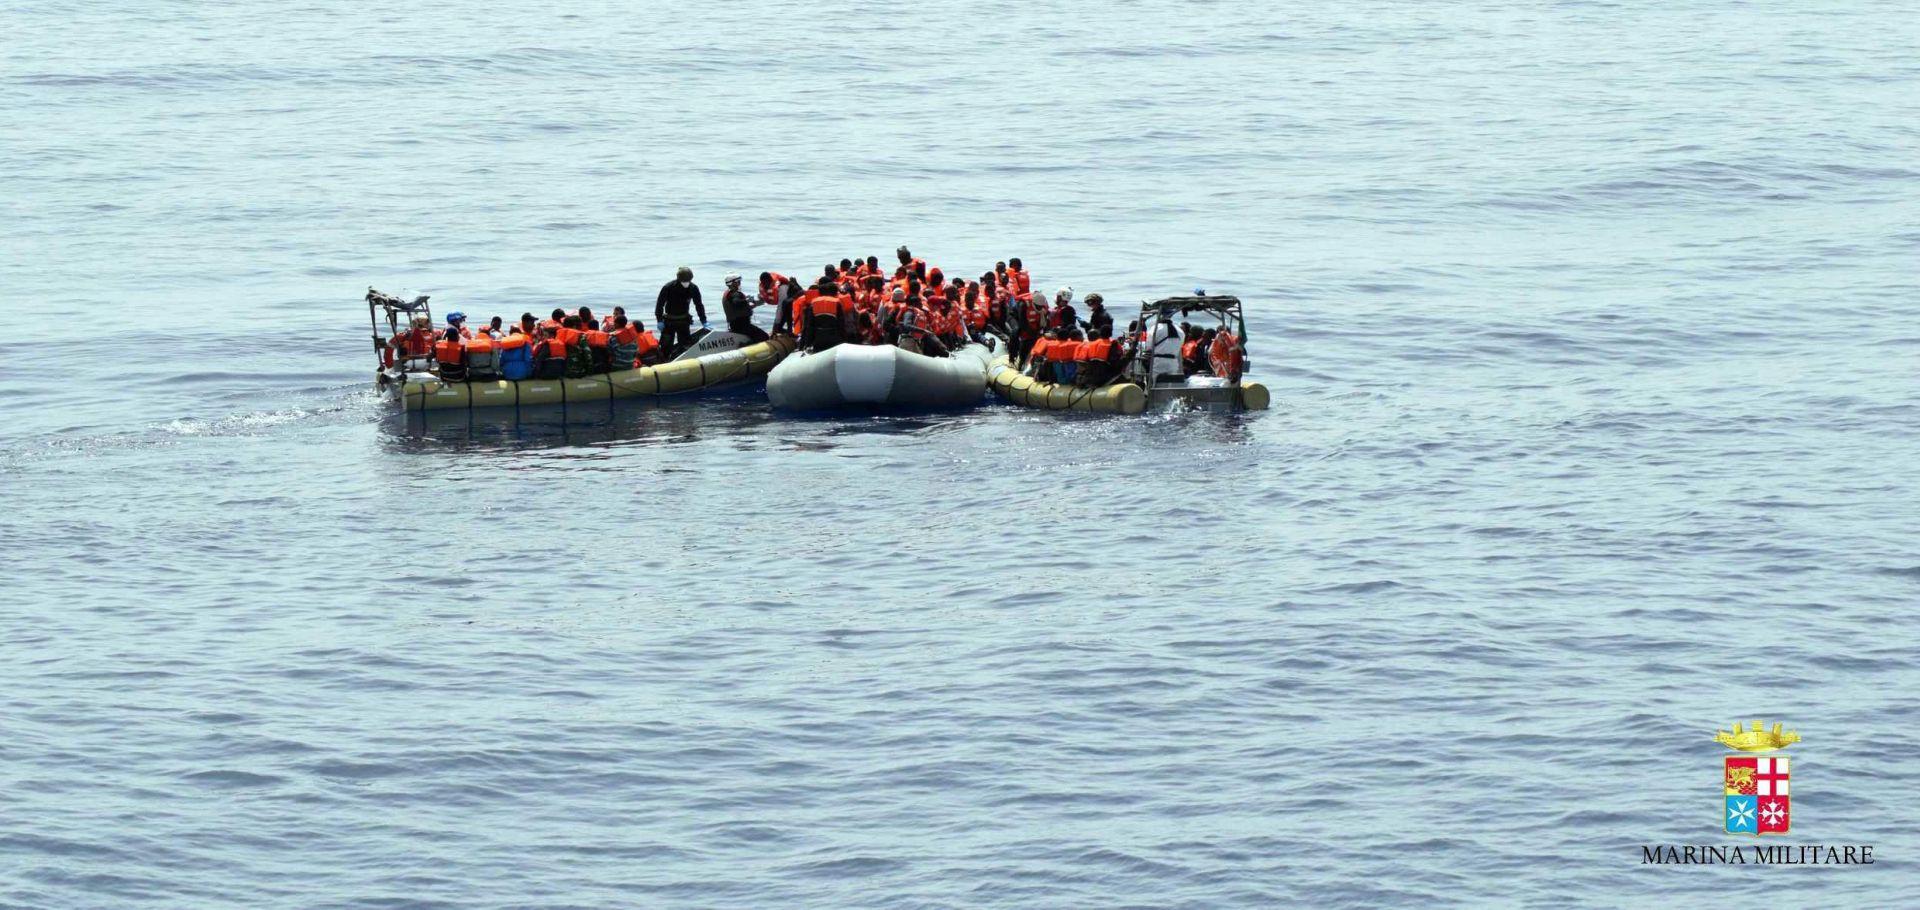 TALIJANSKA OBALNA STRAŽA: Više od 1300 migranta spašeno na moru